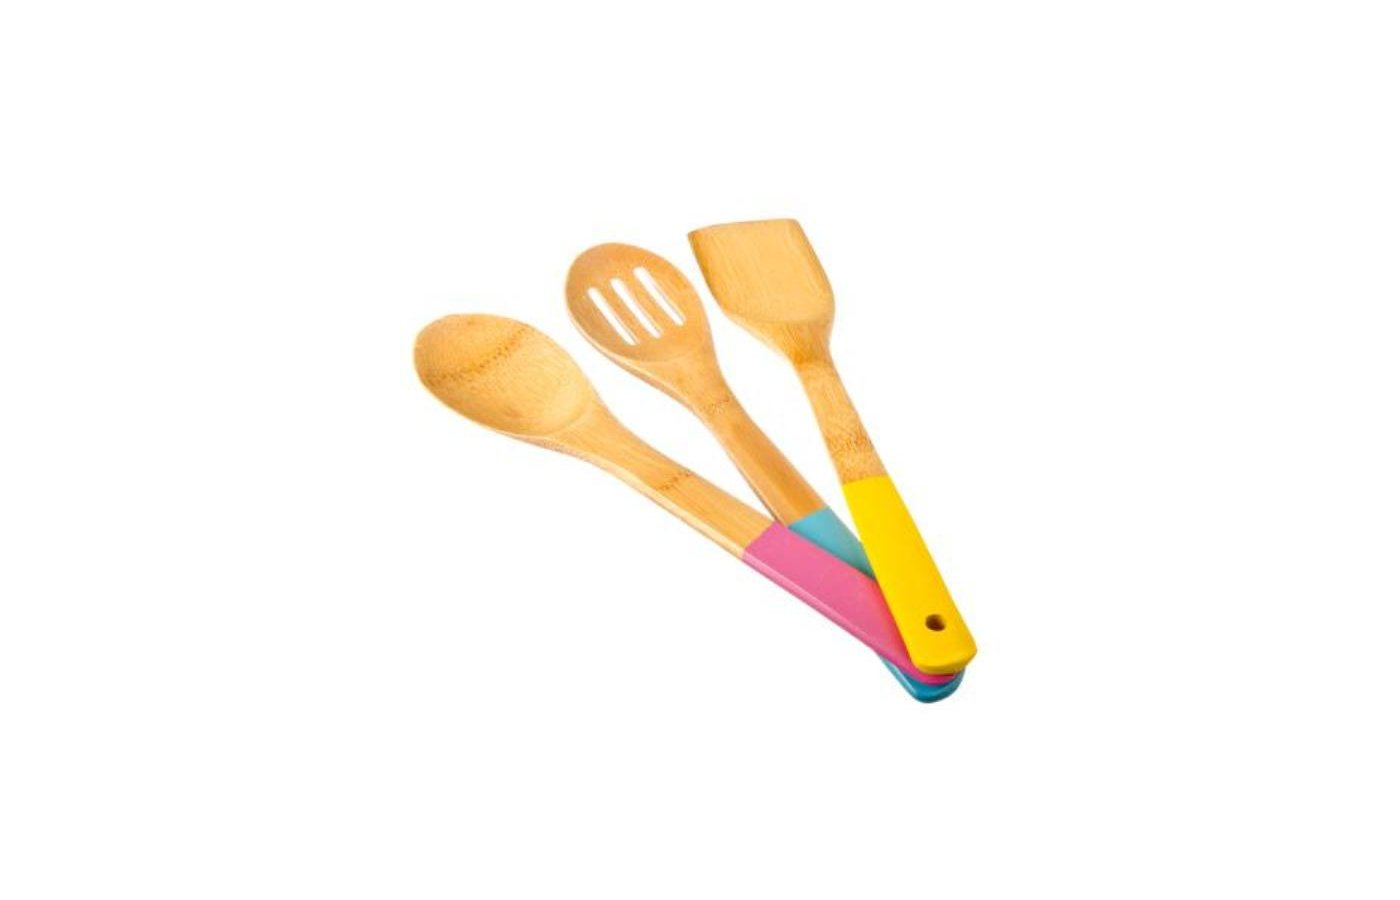 Набор кухонных принадлежностей VETTA 883-061 Набор кухонных принадлежностей 3пр